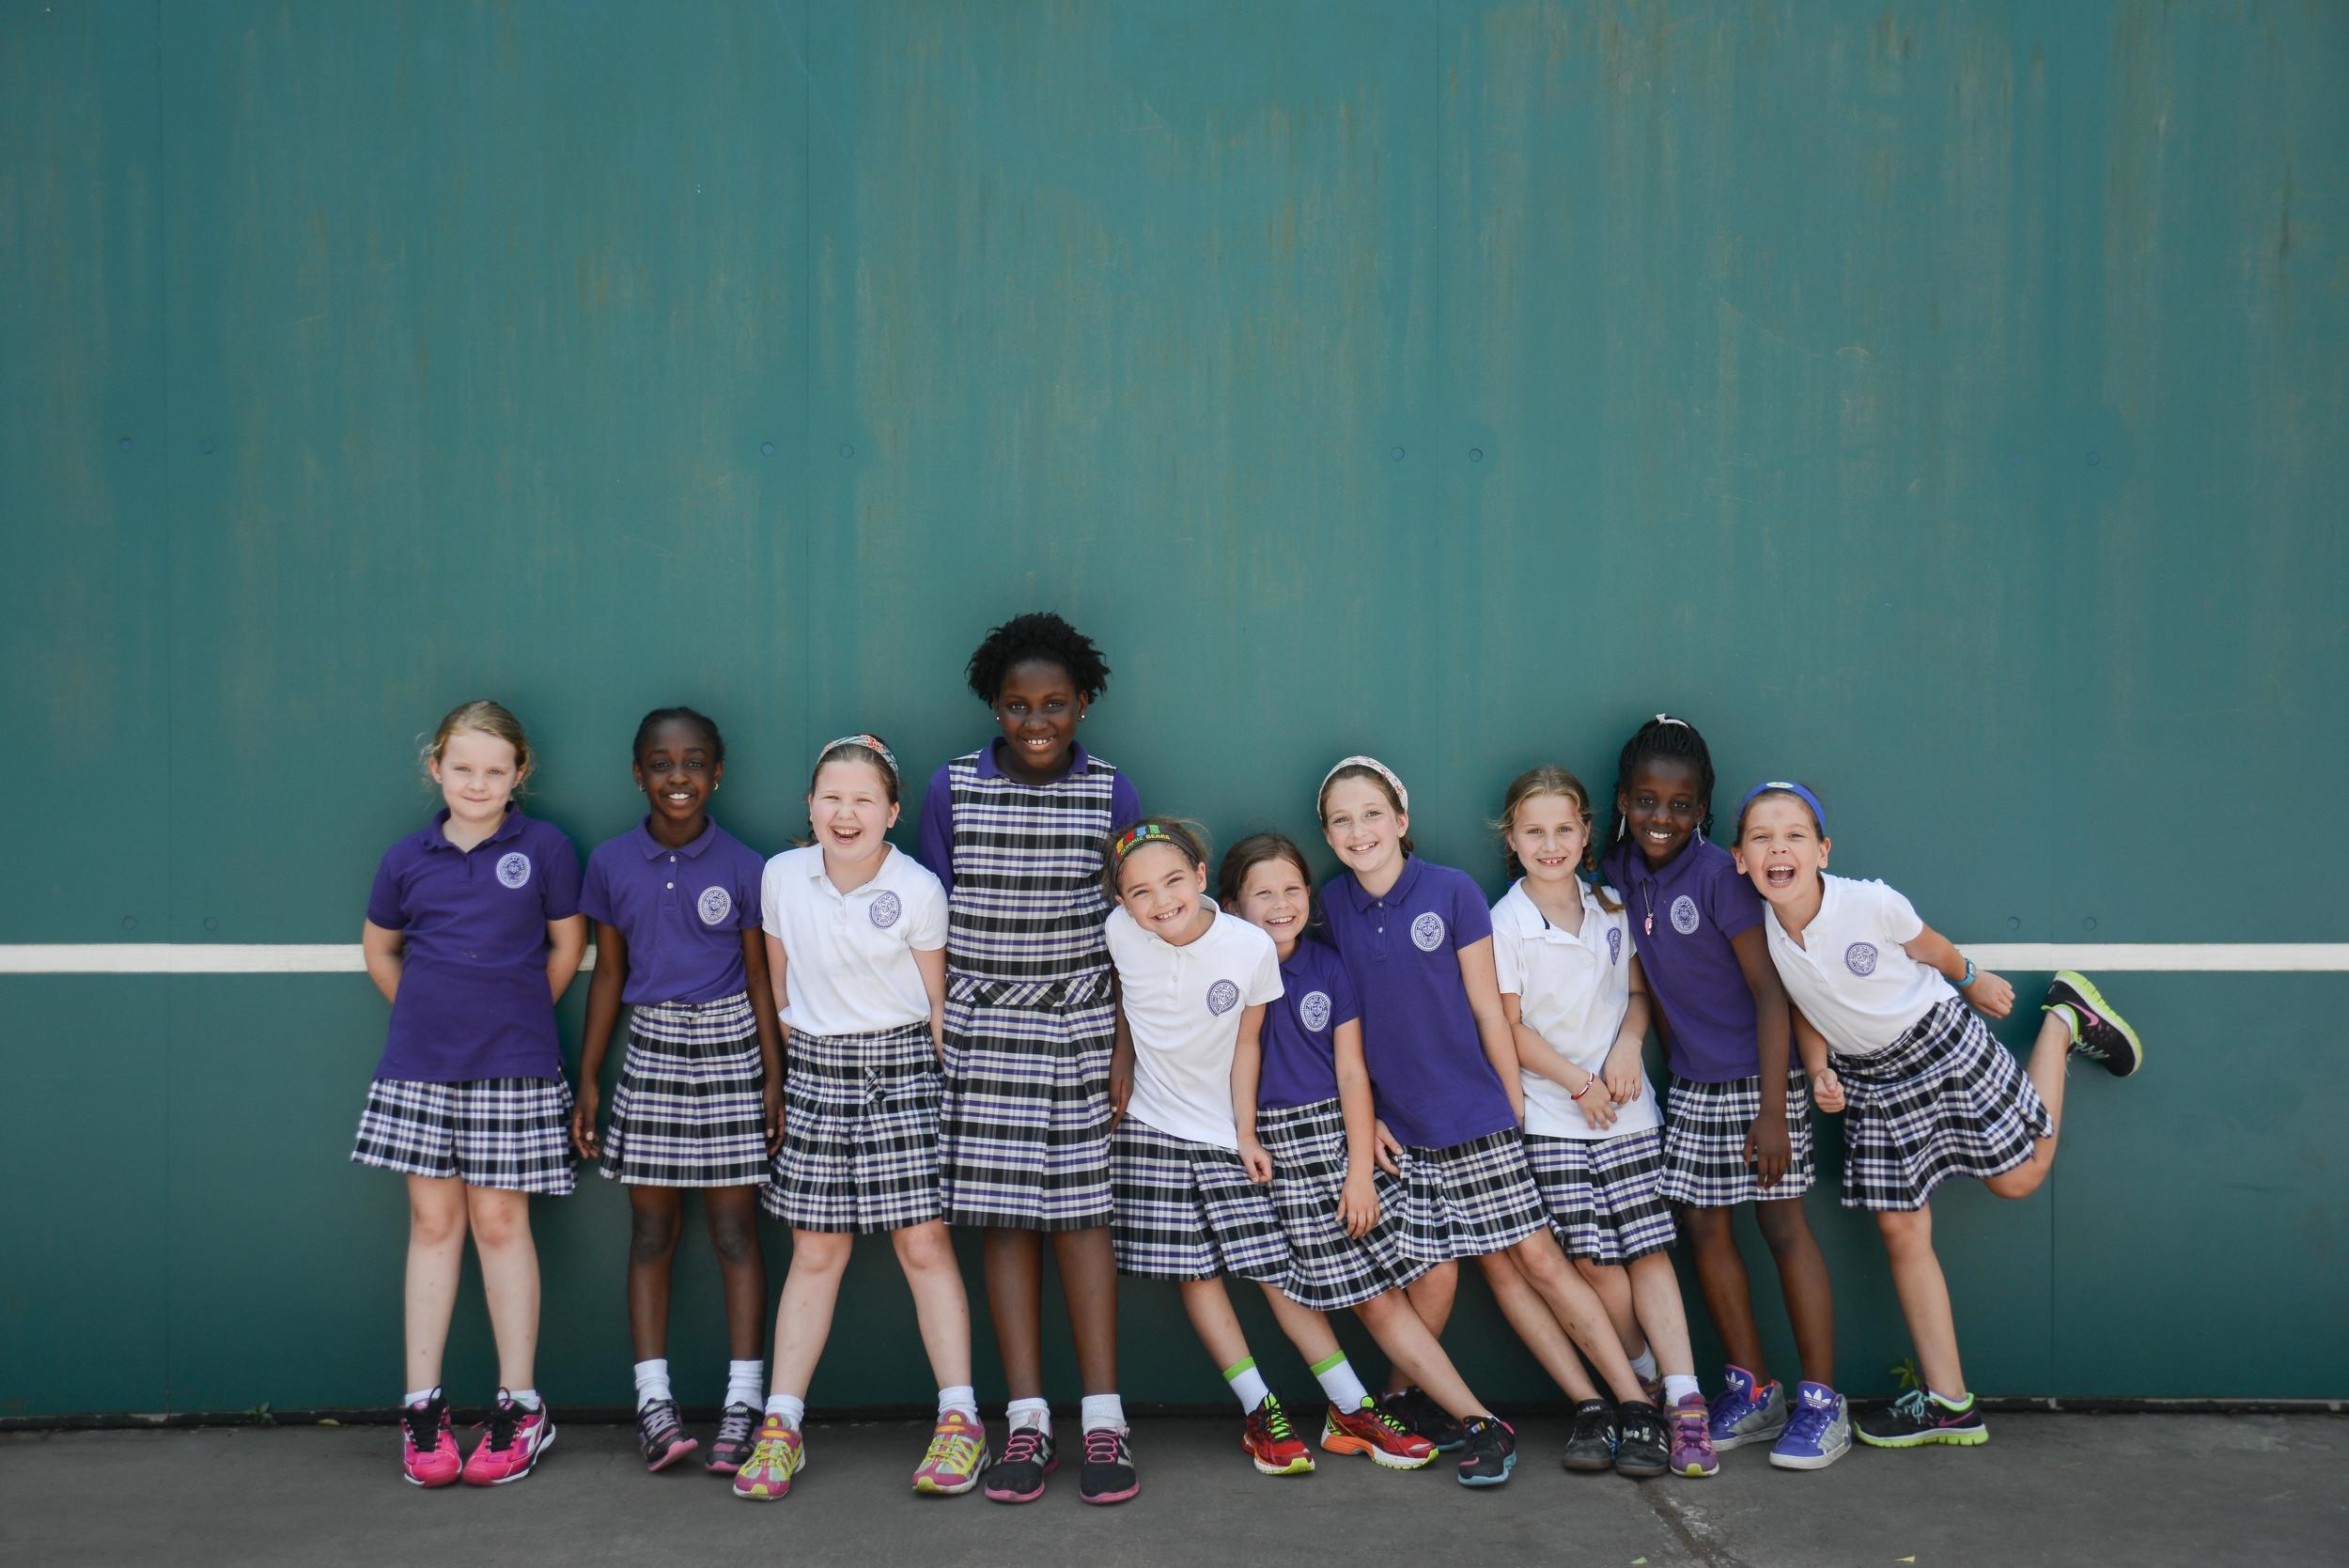 Ashley Hall School, spring magazine shoot